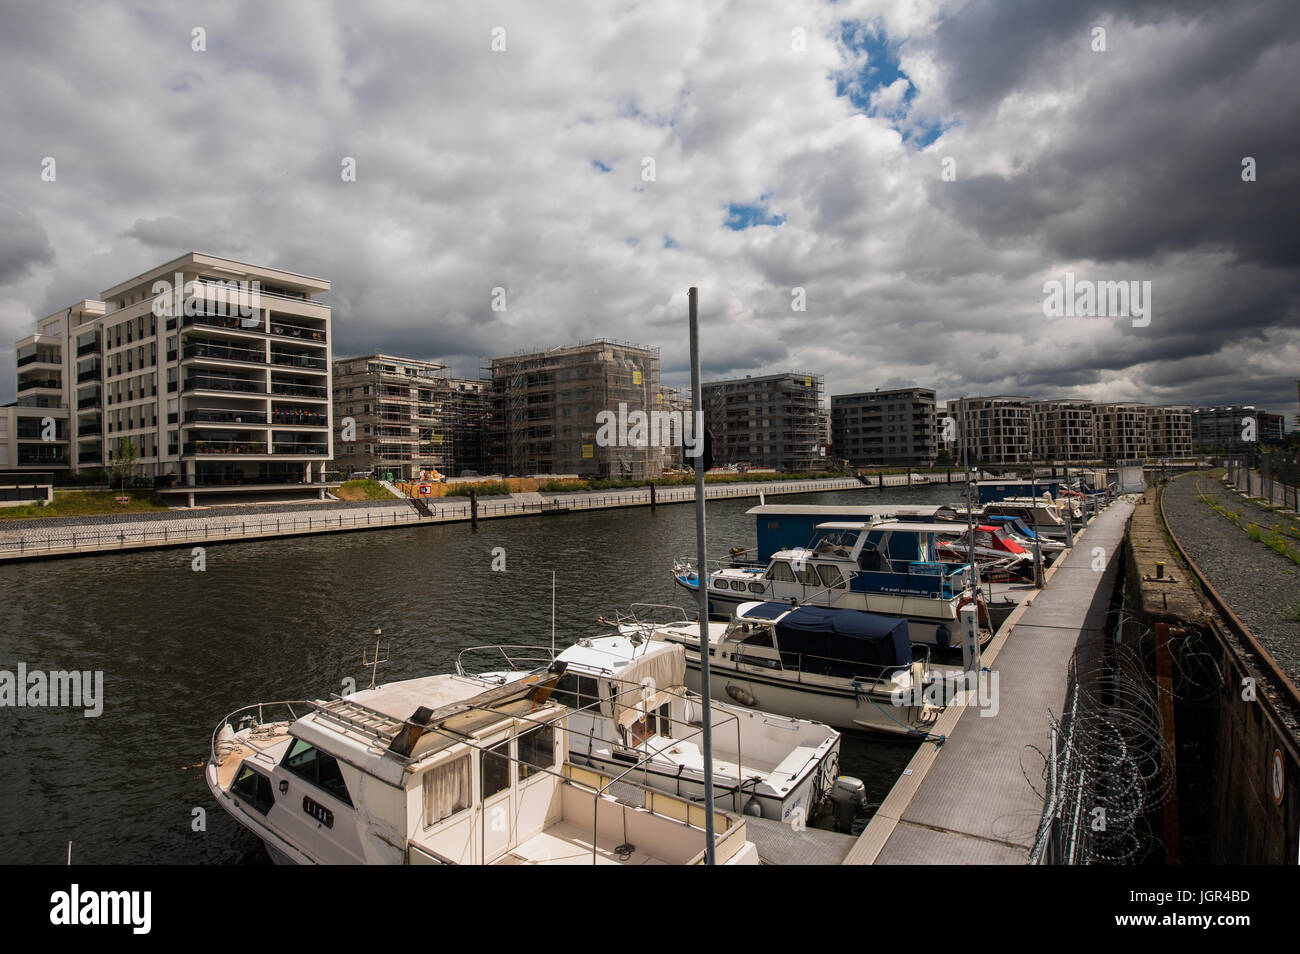 Offenbach, Deutschland. 30. Juni 2017. Moderne Wohnräume und alten ...